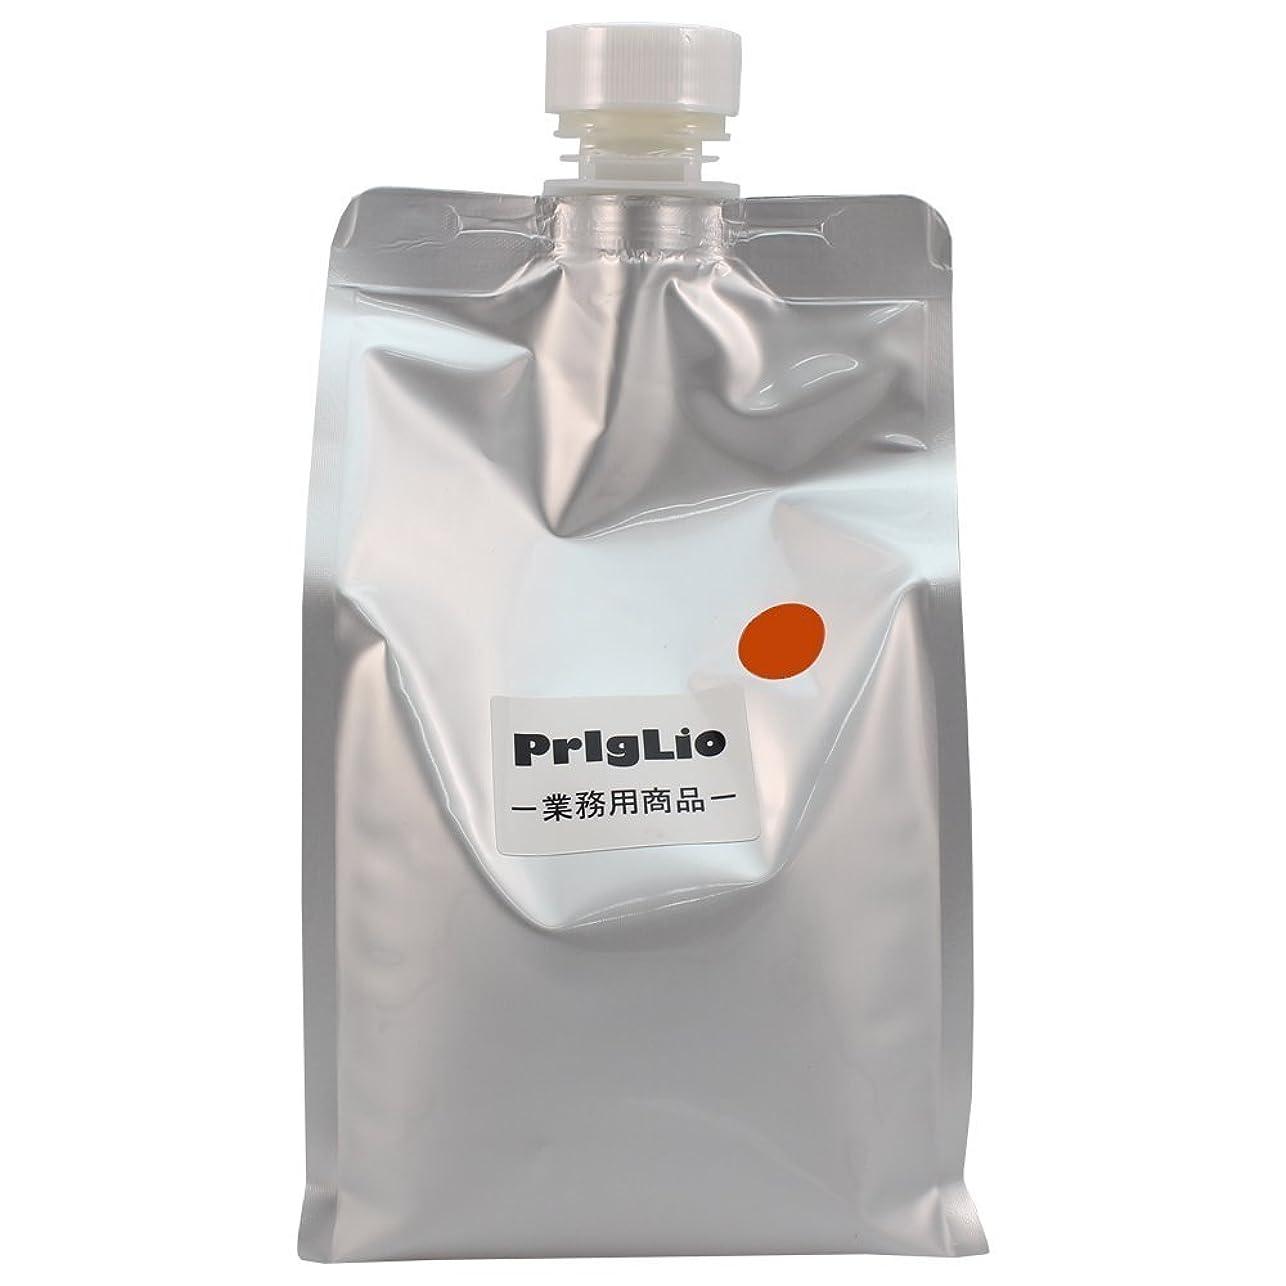 カルシウムサイトロビープリグリオD ヘアサプリメント オレンジ 900ml